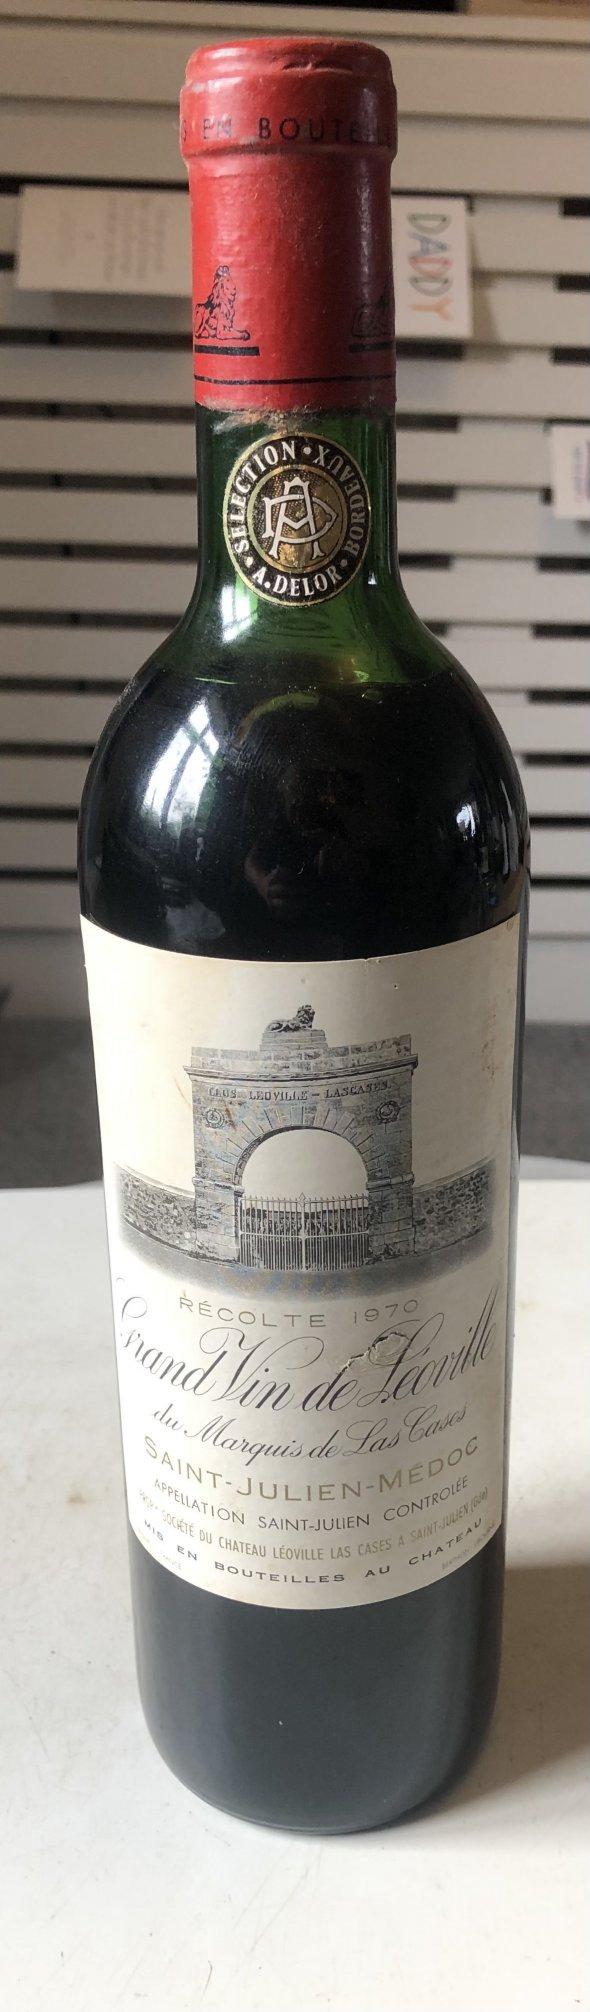 Grand Vin Leoville Marquis Las Cases, Saint-Julien